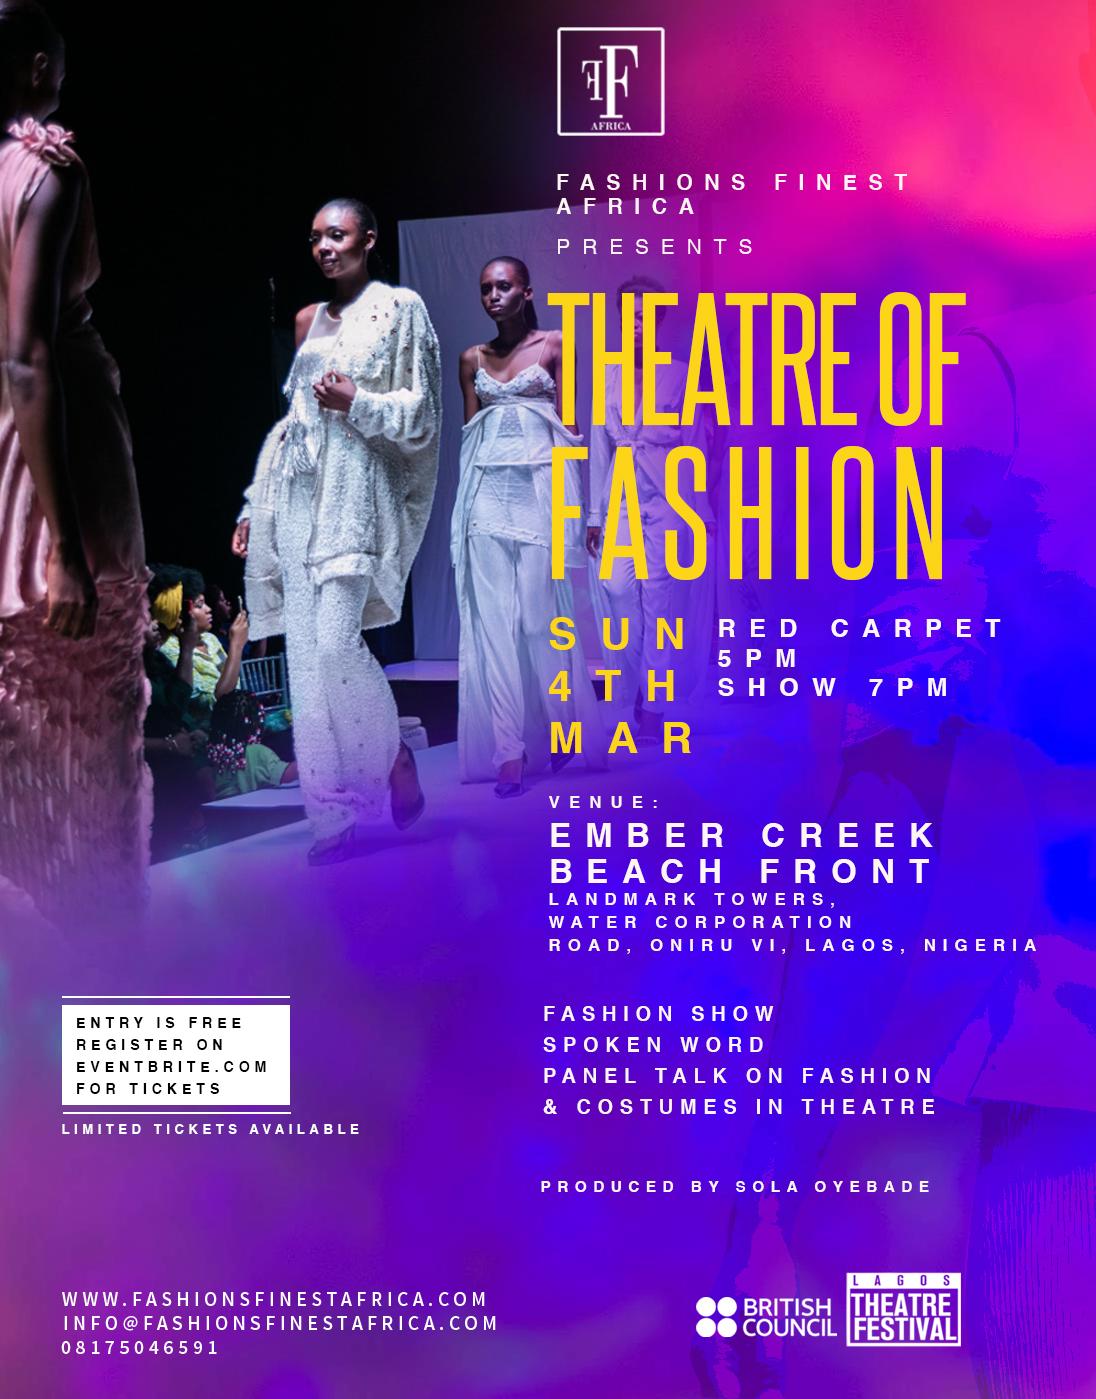 Theatre of Fashion